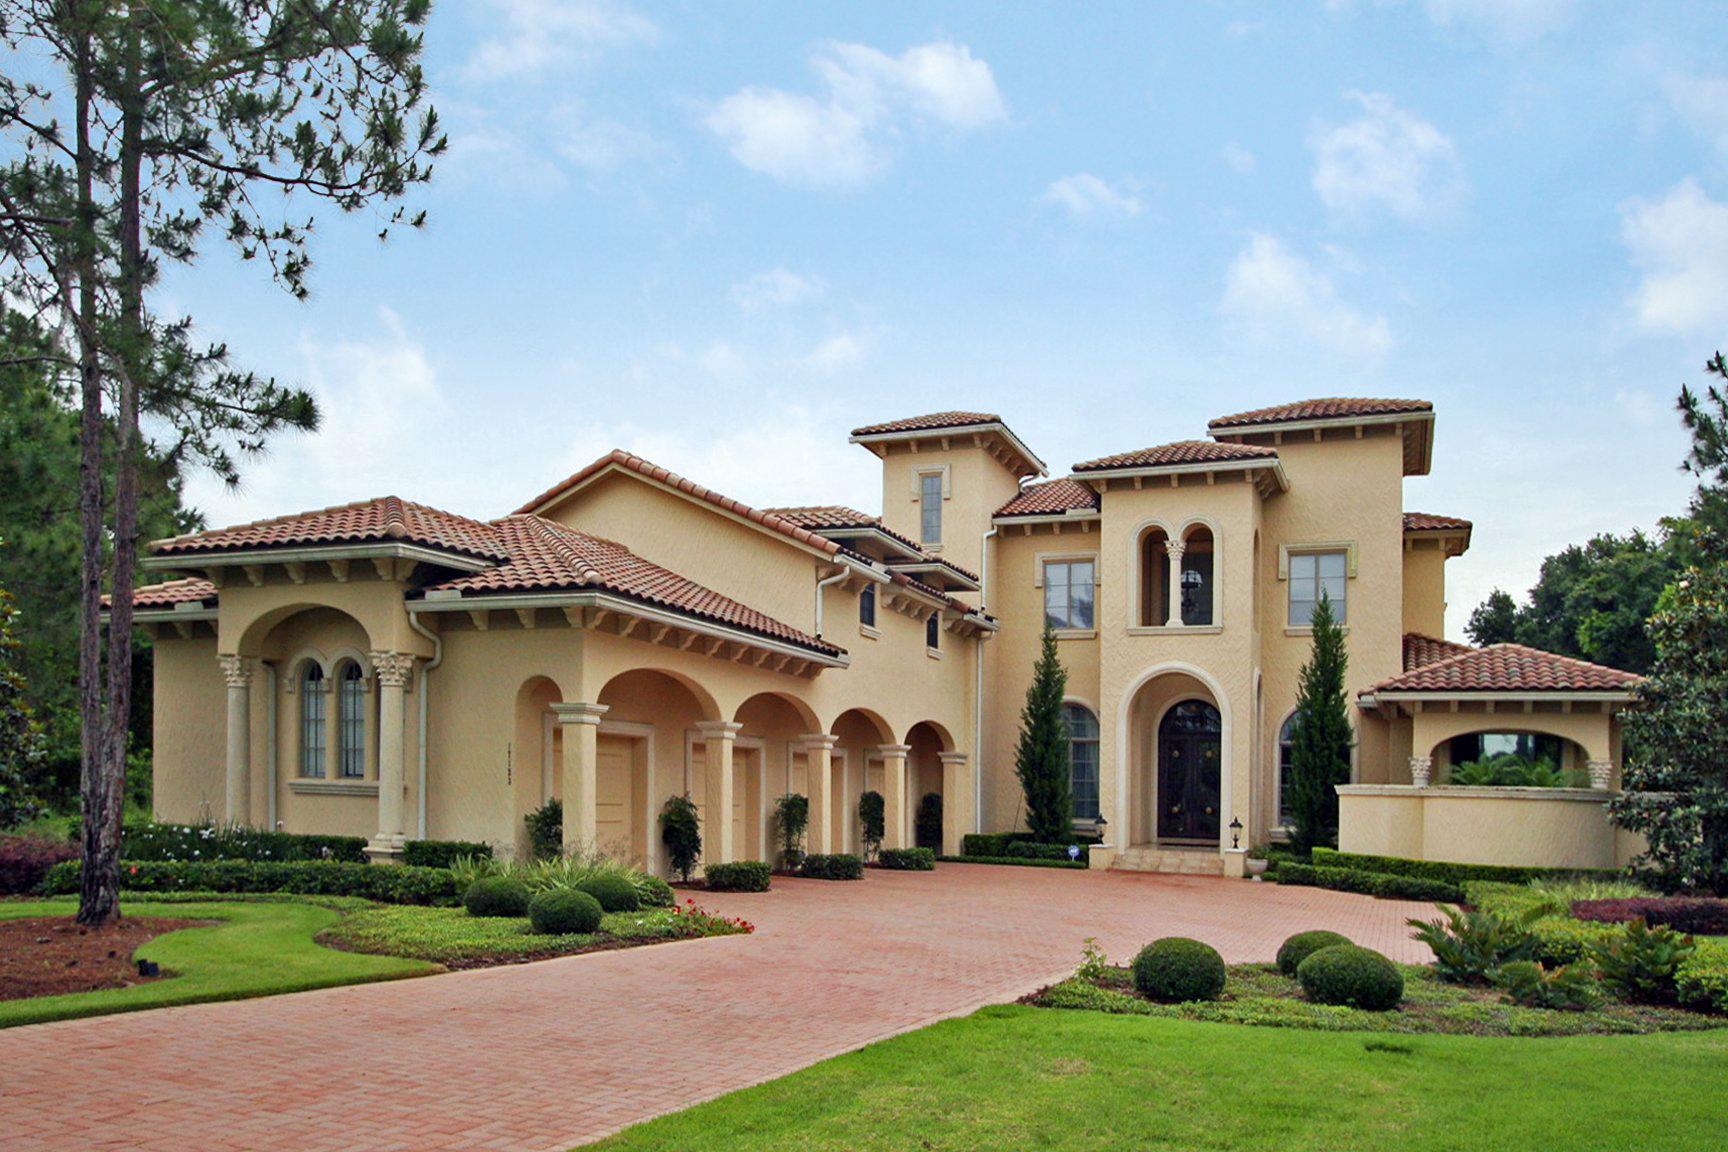 在美国,价格100万美元以上的房屋正在稳步增加